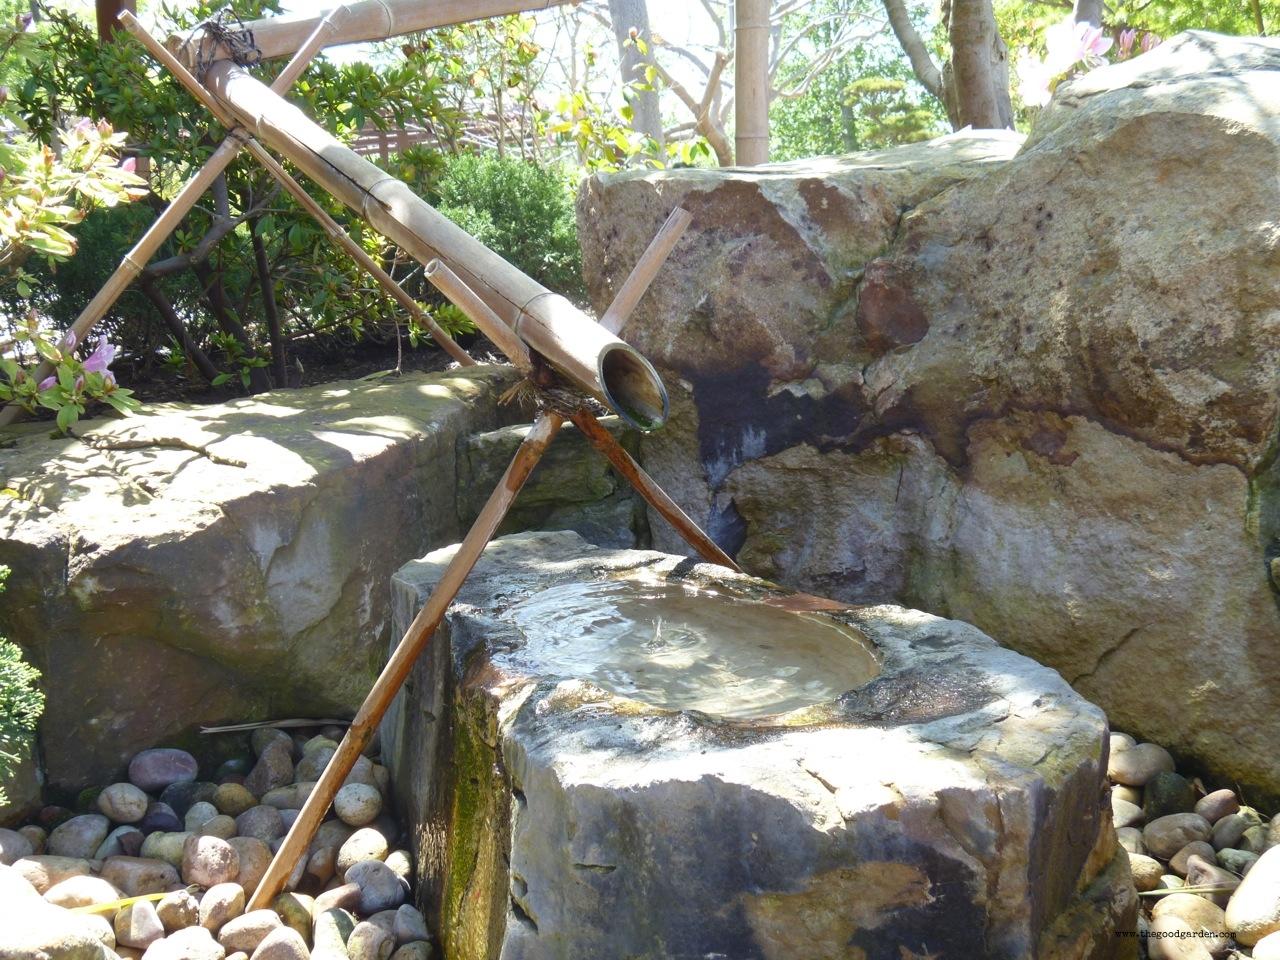 thegoodgarden|balboapark|sandiego|0137.jpg